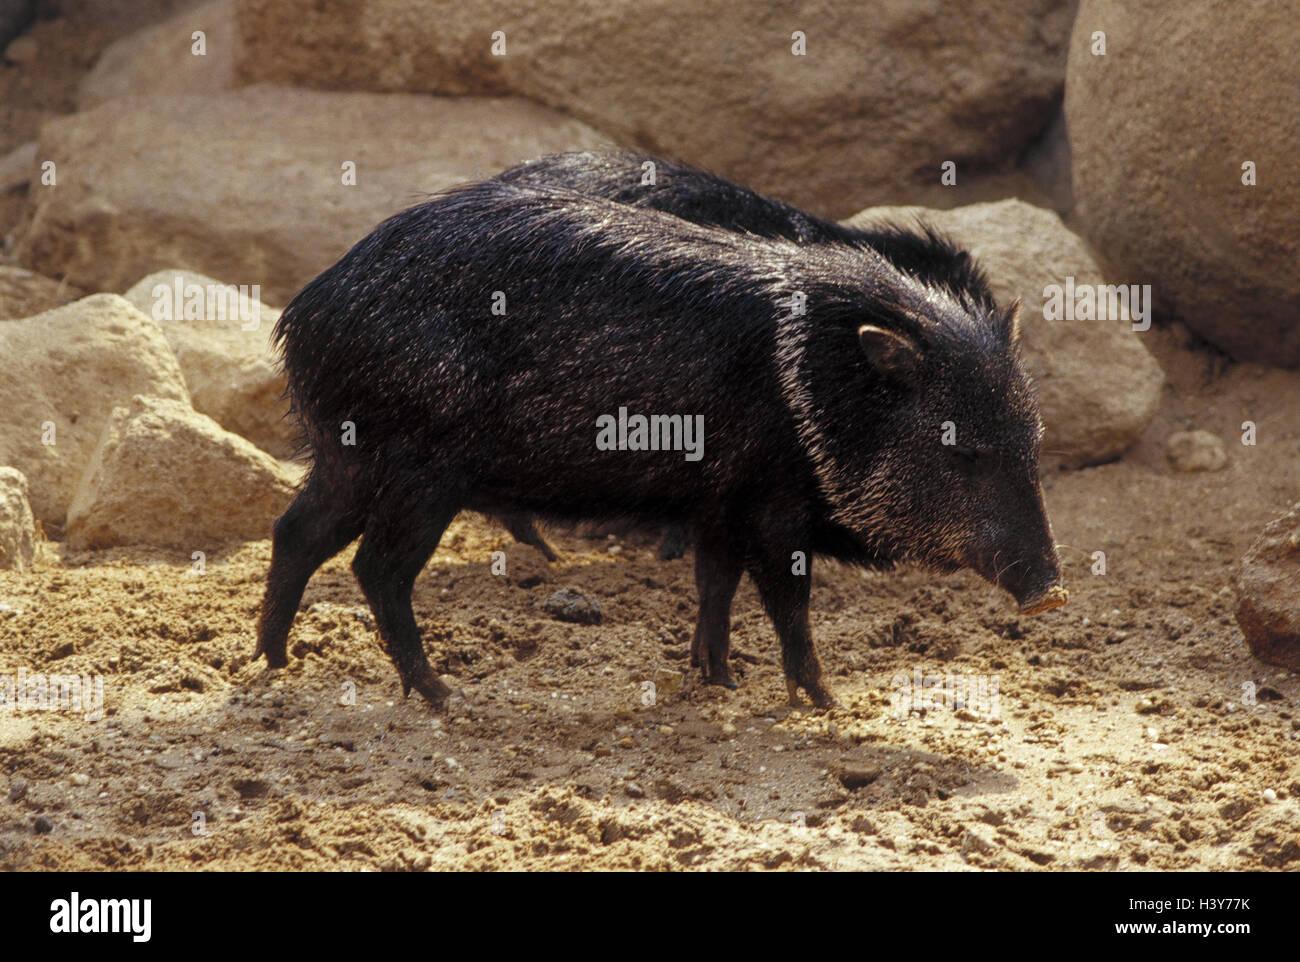 Animali Da Esterno zoo, halbandpekaris, tayassu tajacu, esterno, animali